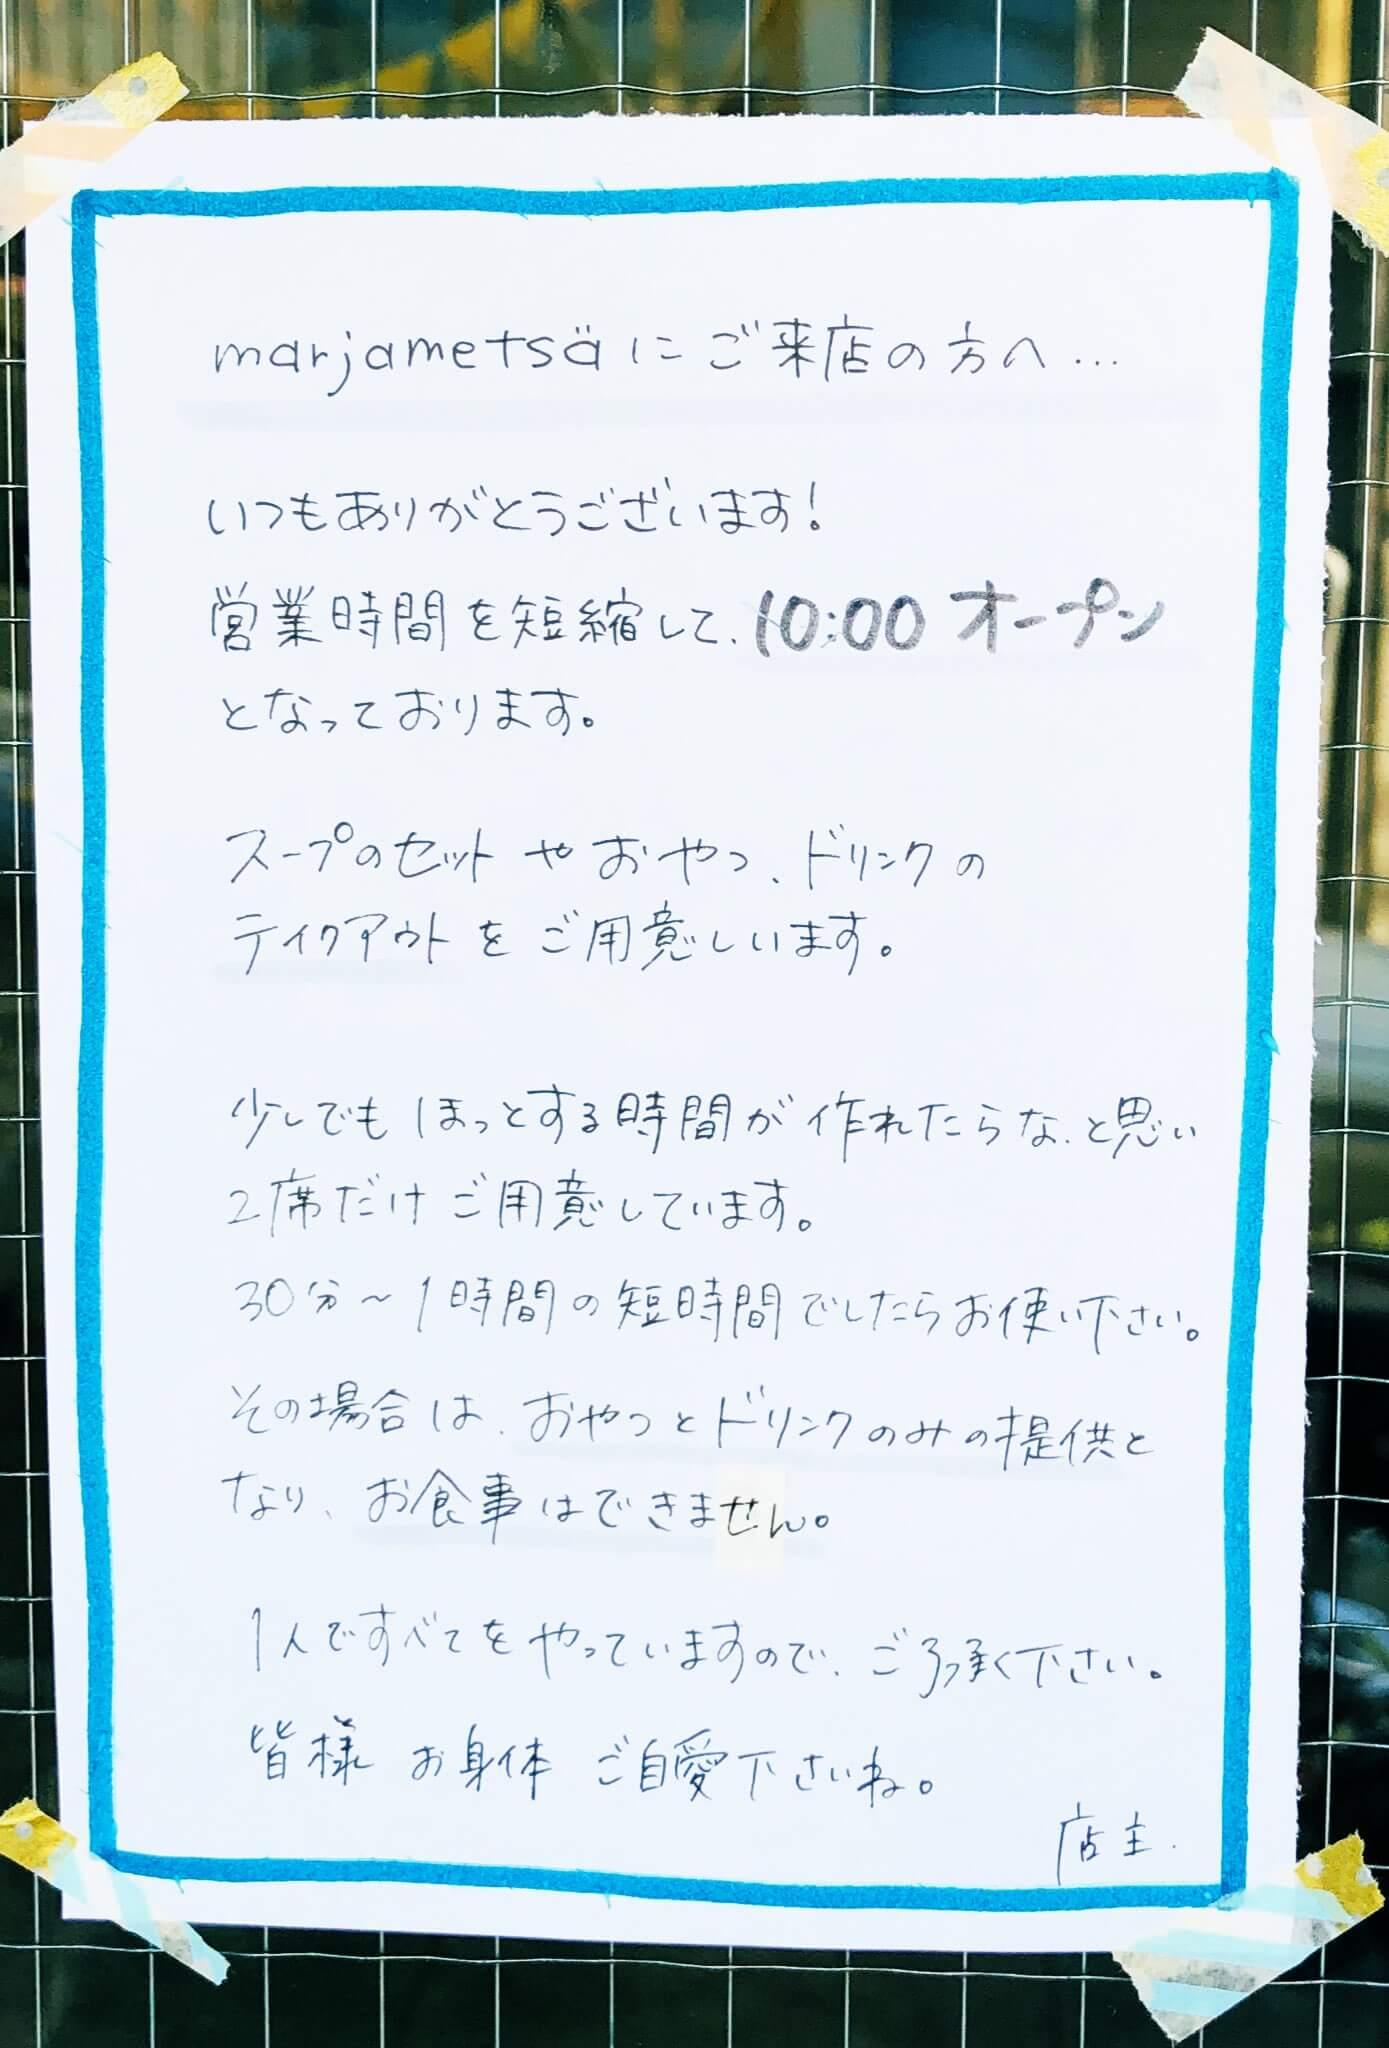 マルヤメッツァ 営業情報